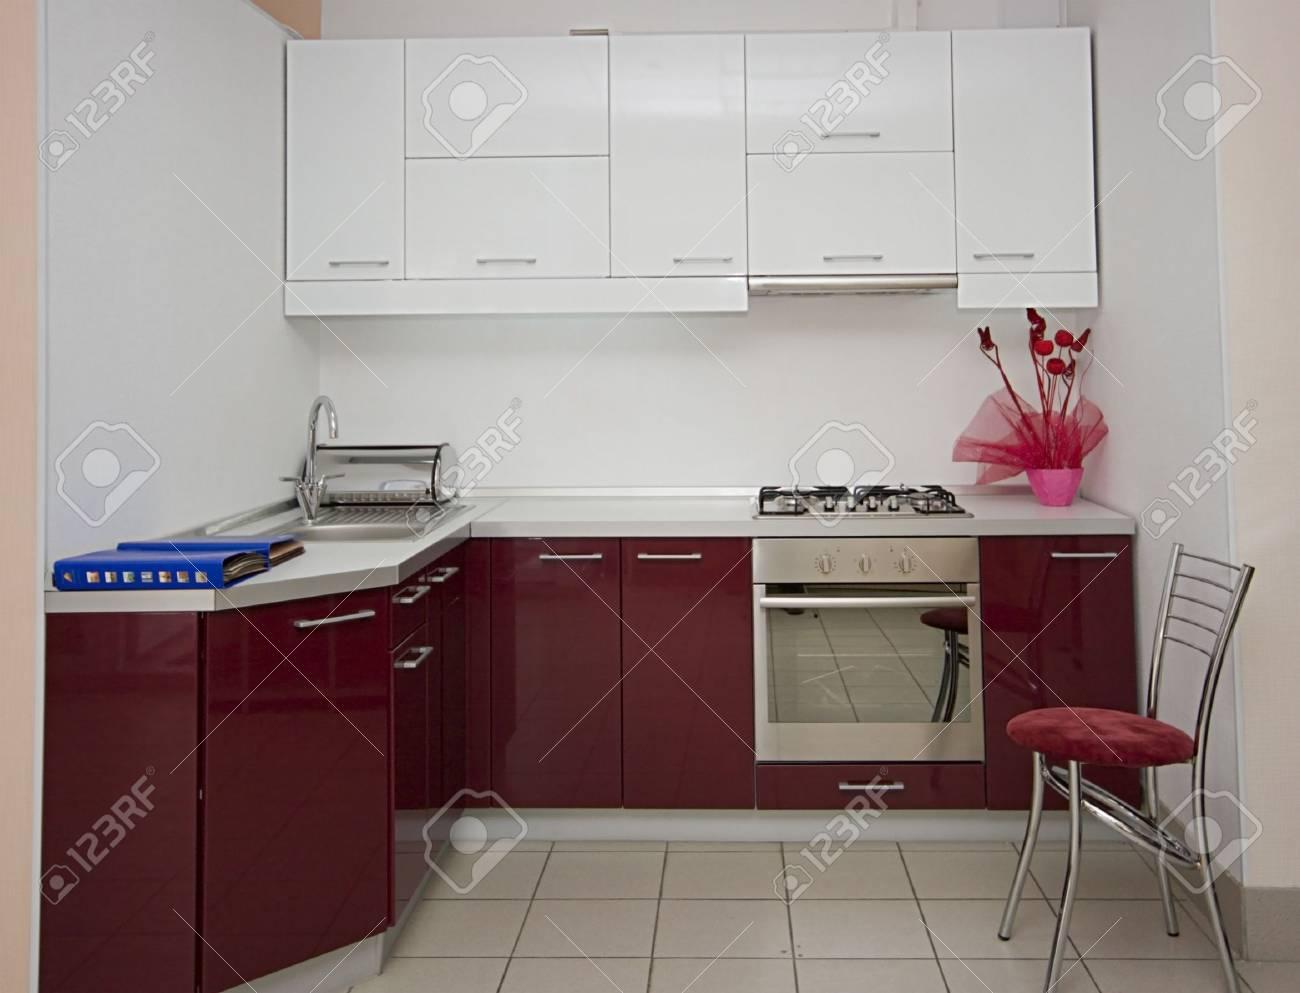 modern kitchen interior details image Stock Photo - 3063984